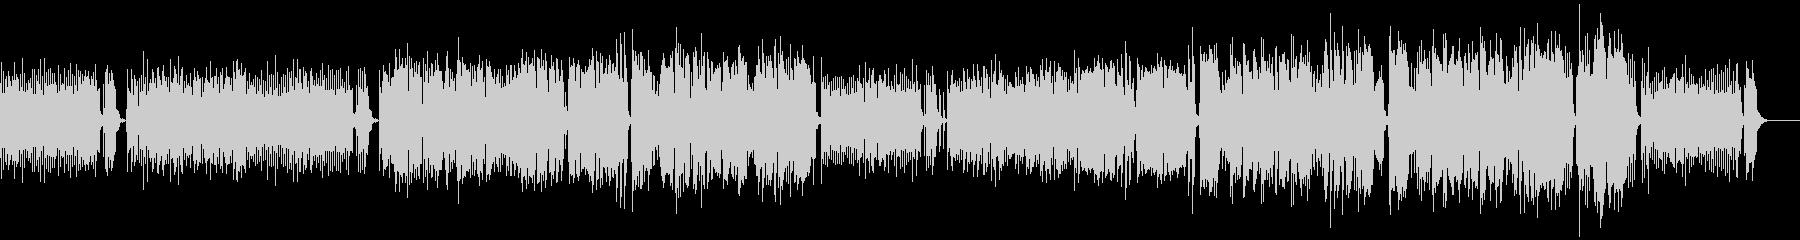 男性ボーカル2人とアコギとエレキの生演奏の未再生の波形